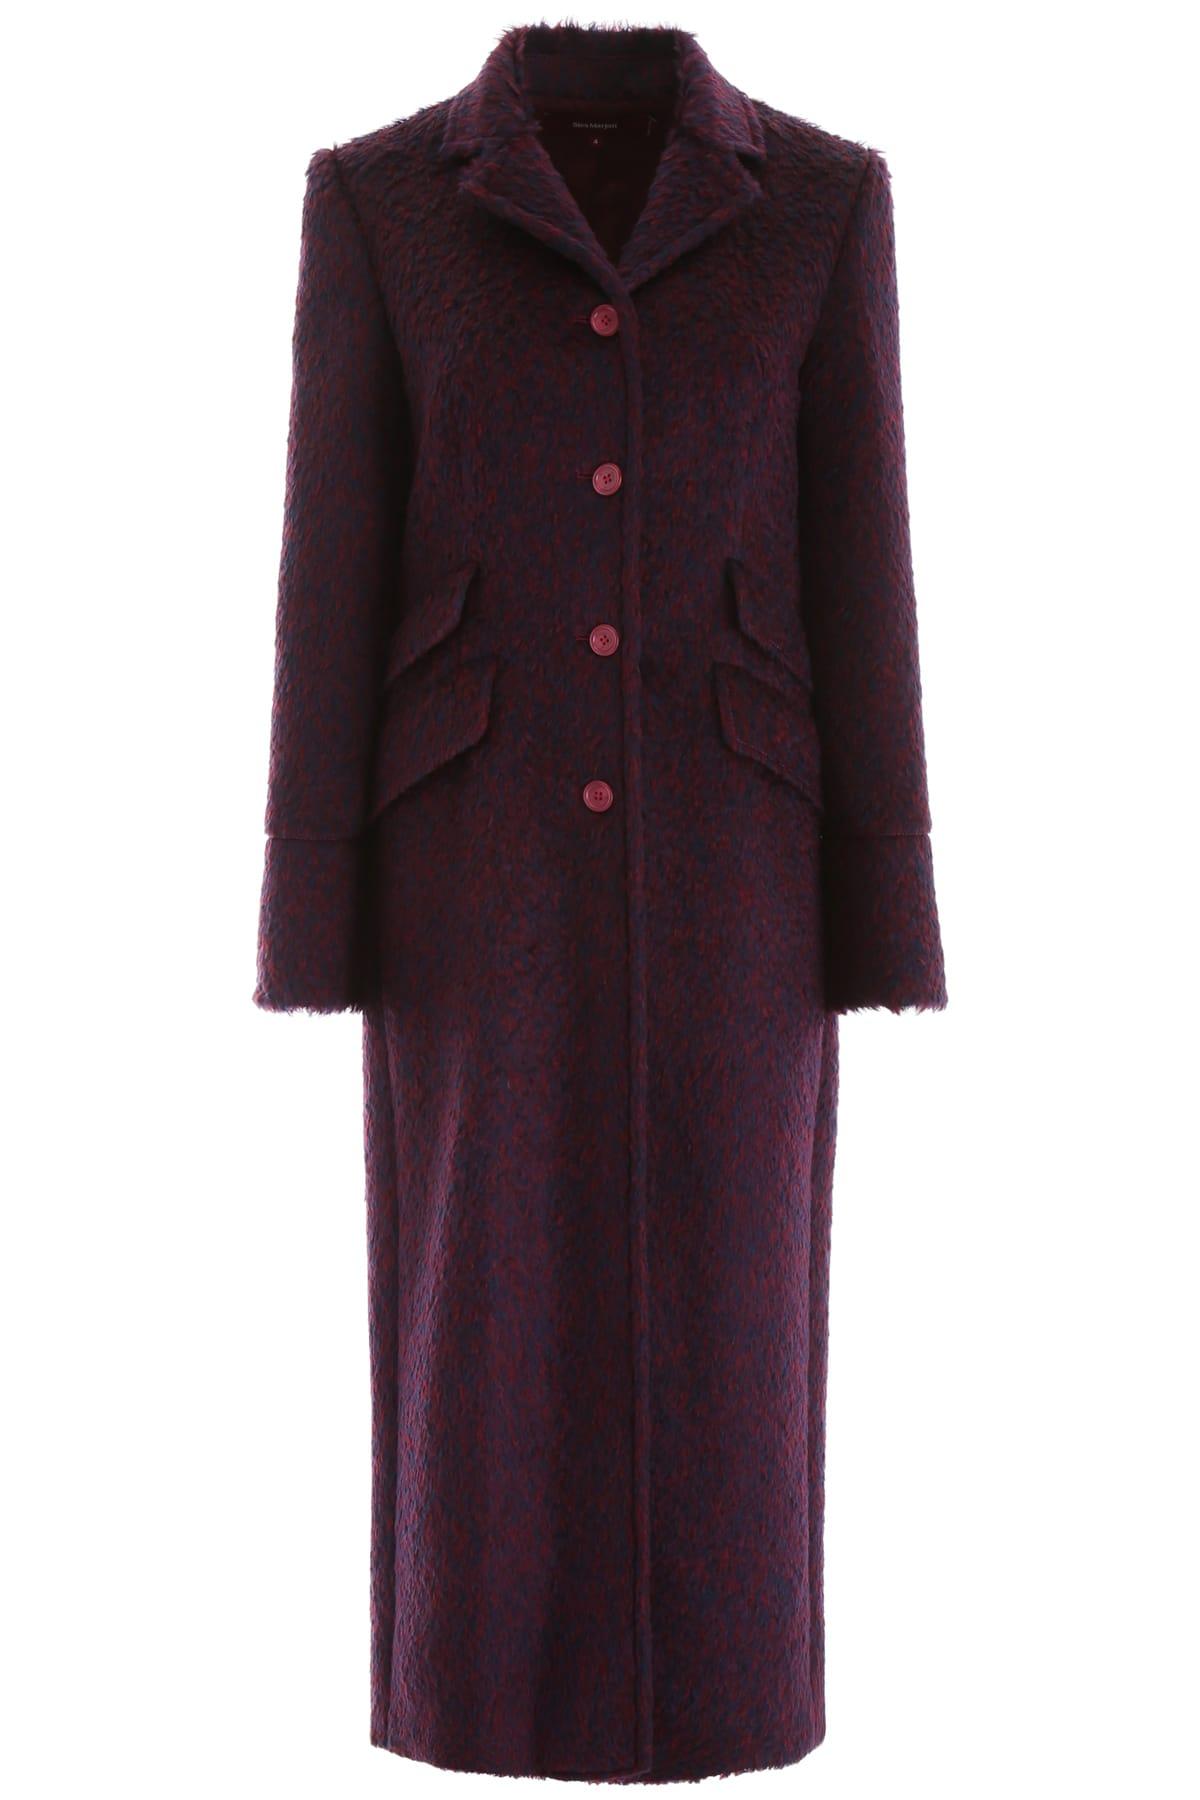 Sies Marjan Bicolor Mohair Coat